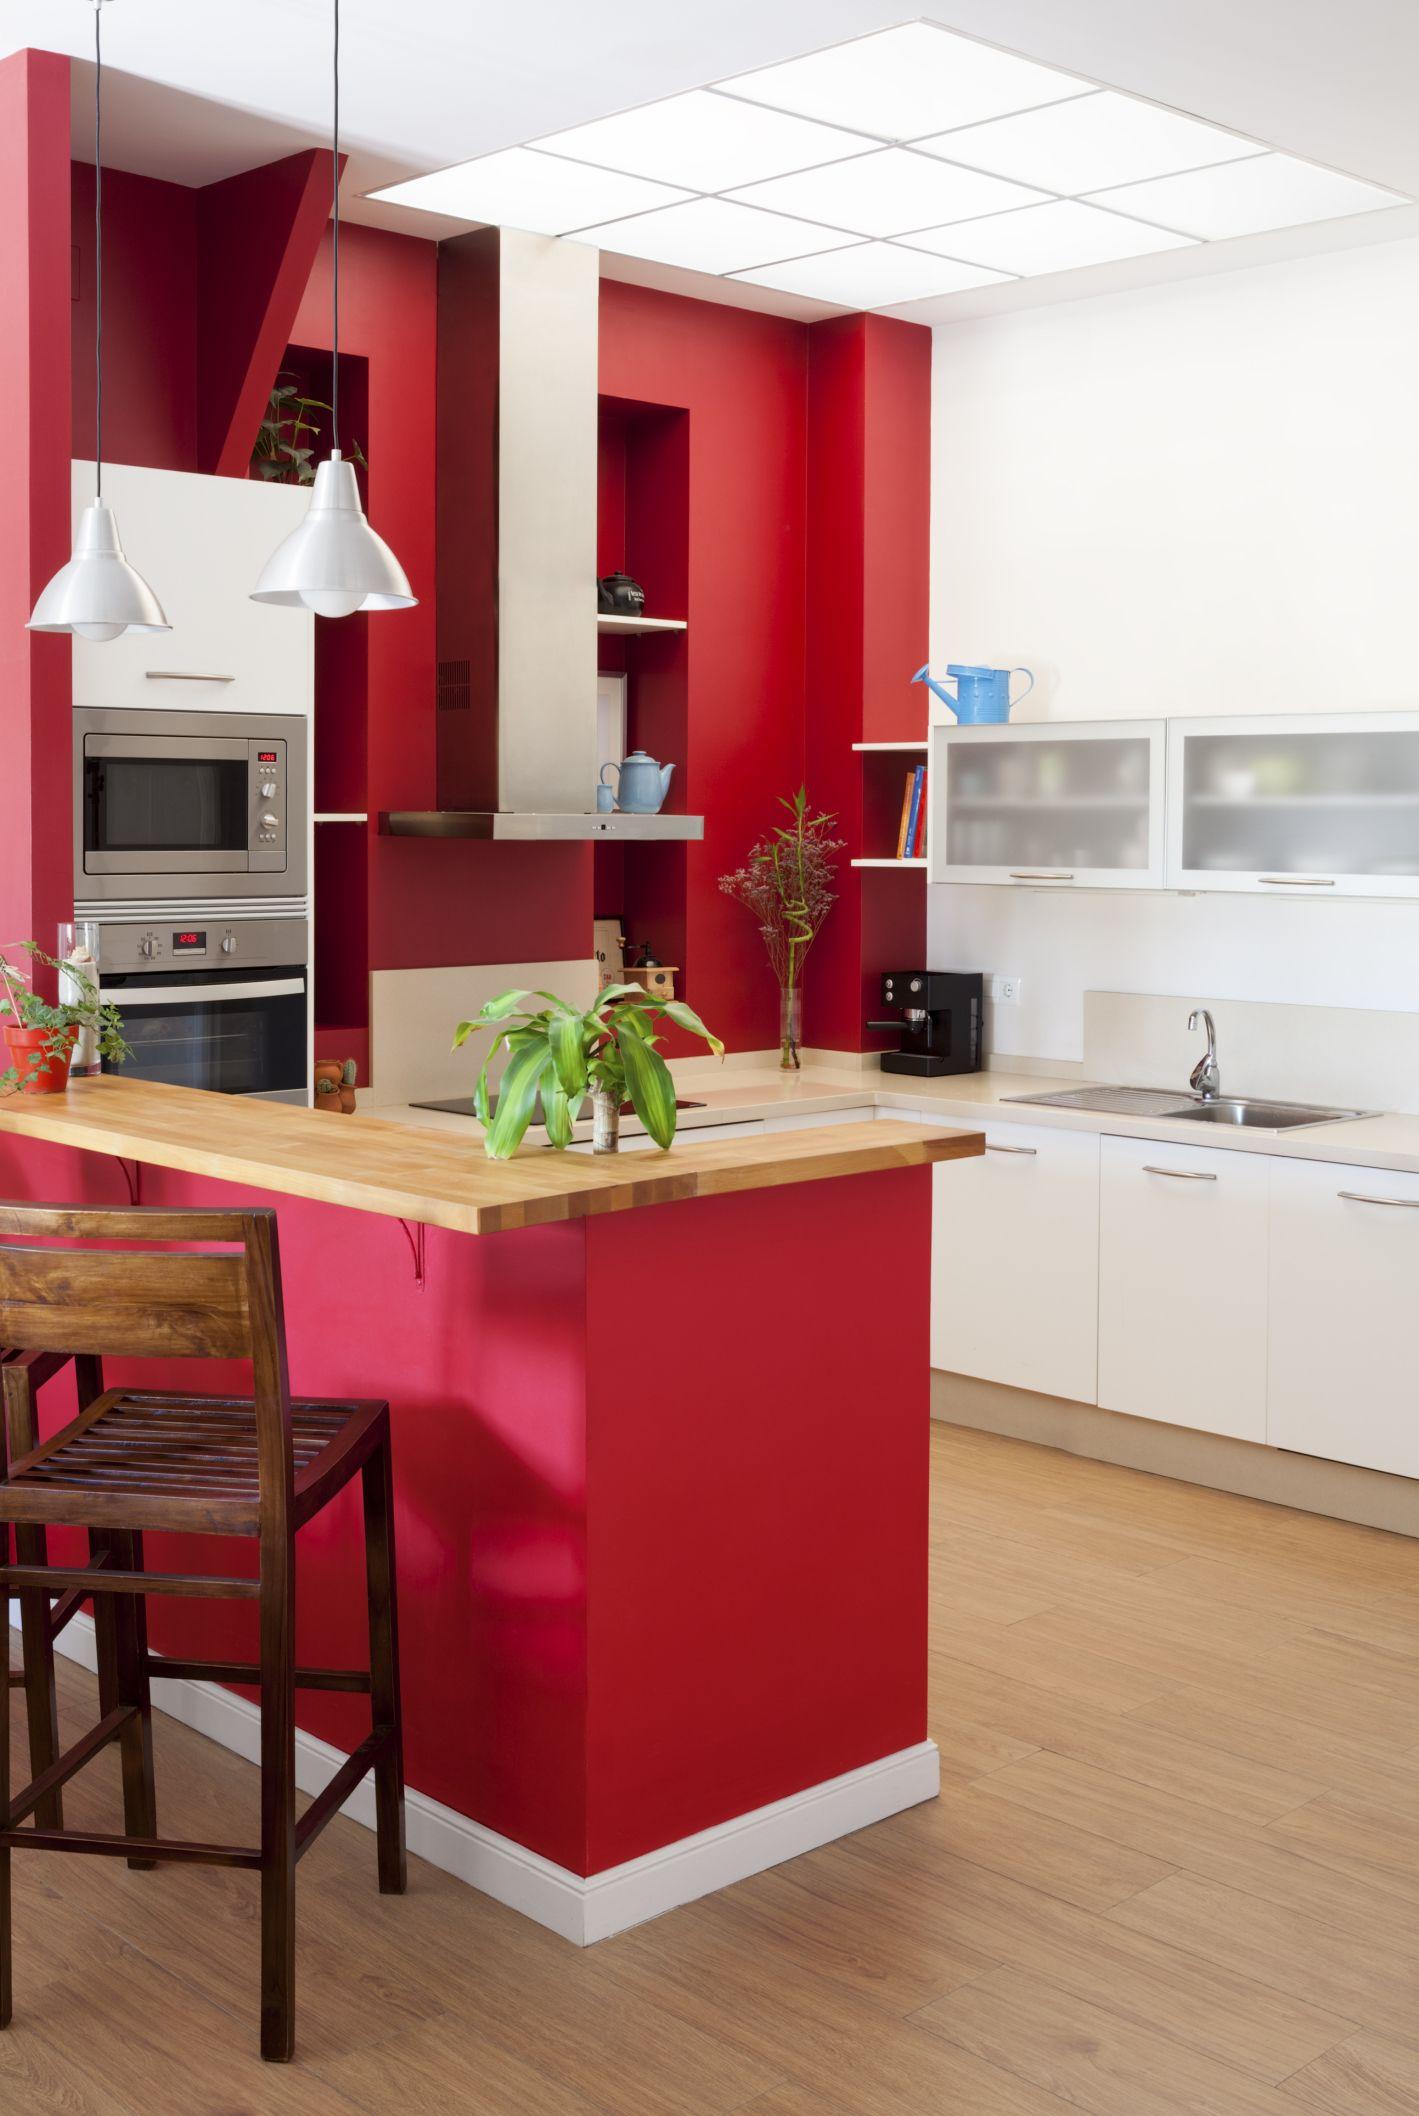 Red Wall Kitchen Cuando Se Trata De Dar Saza3n Haz Que Tu Cocina Tenga Los